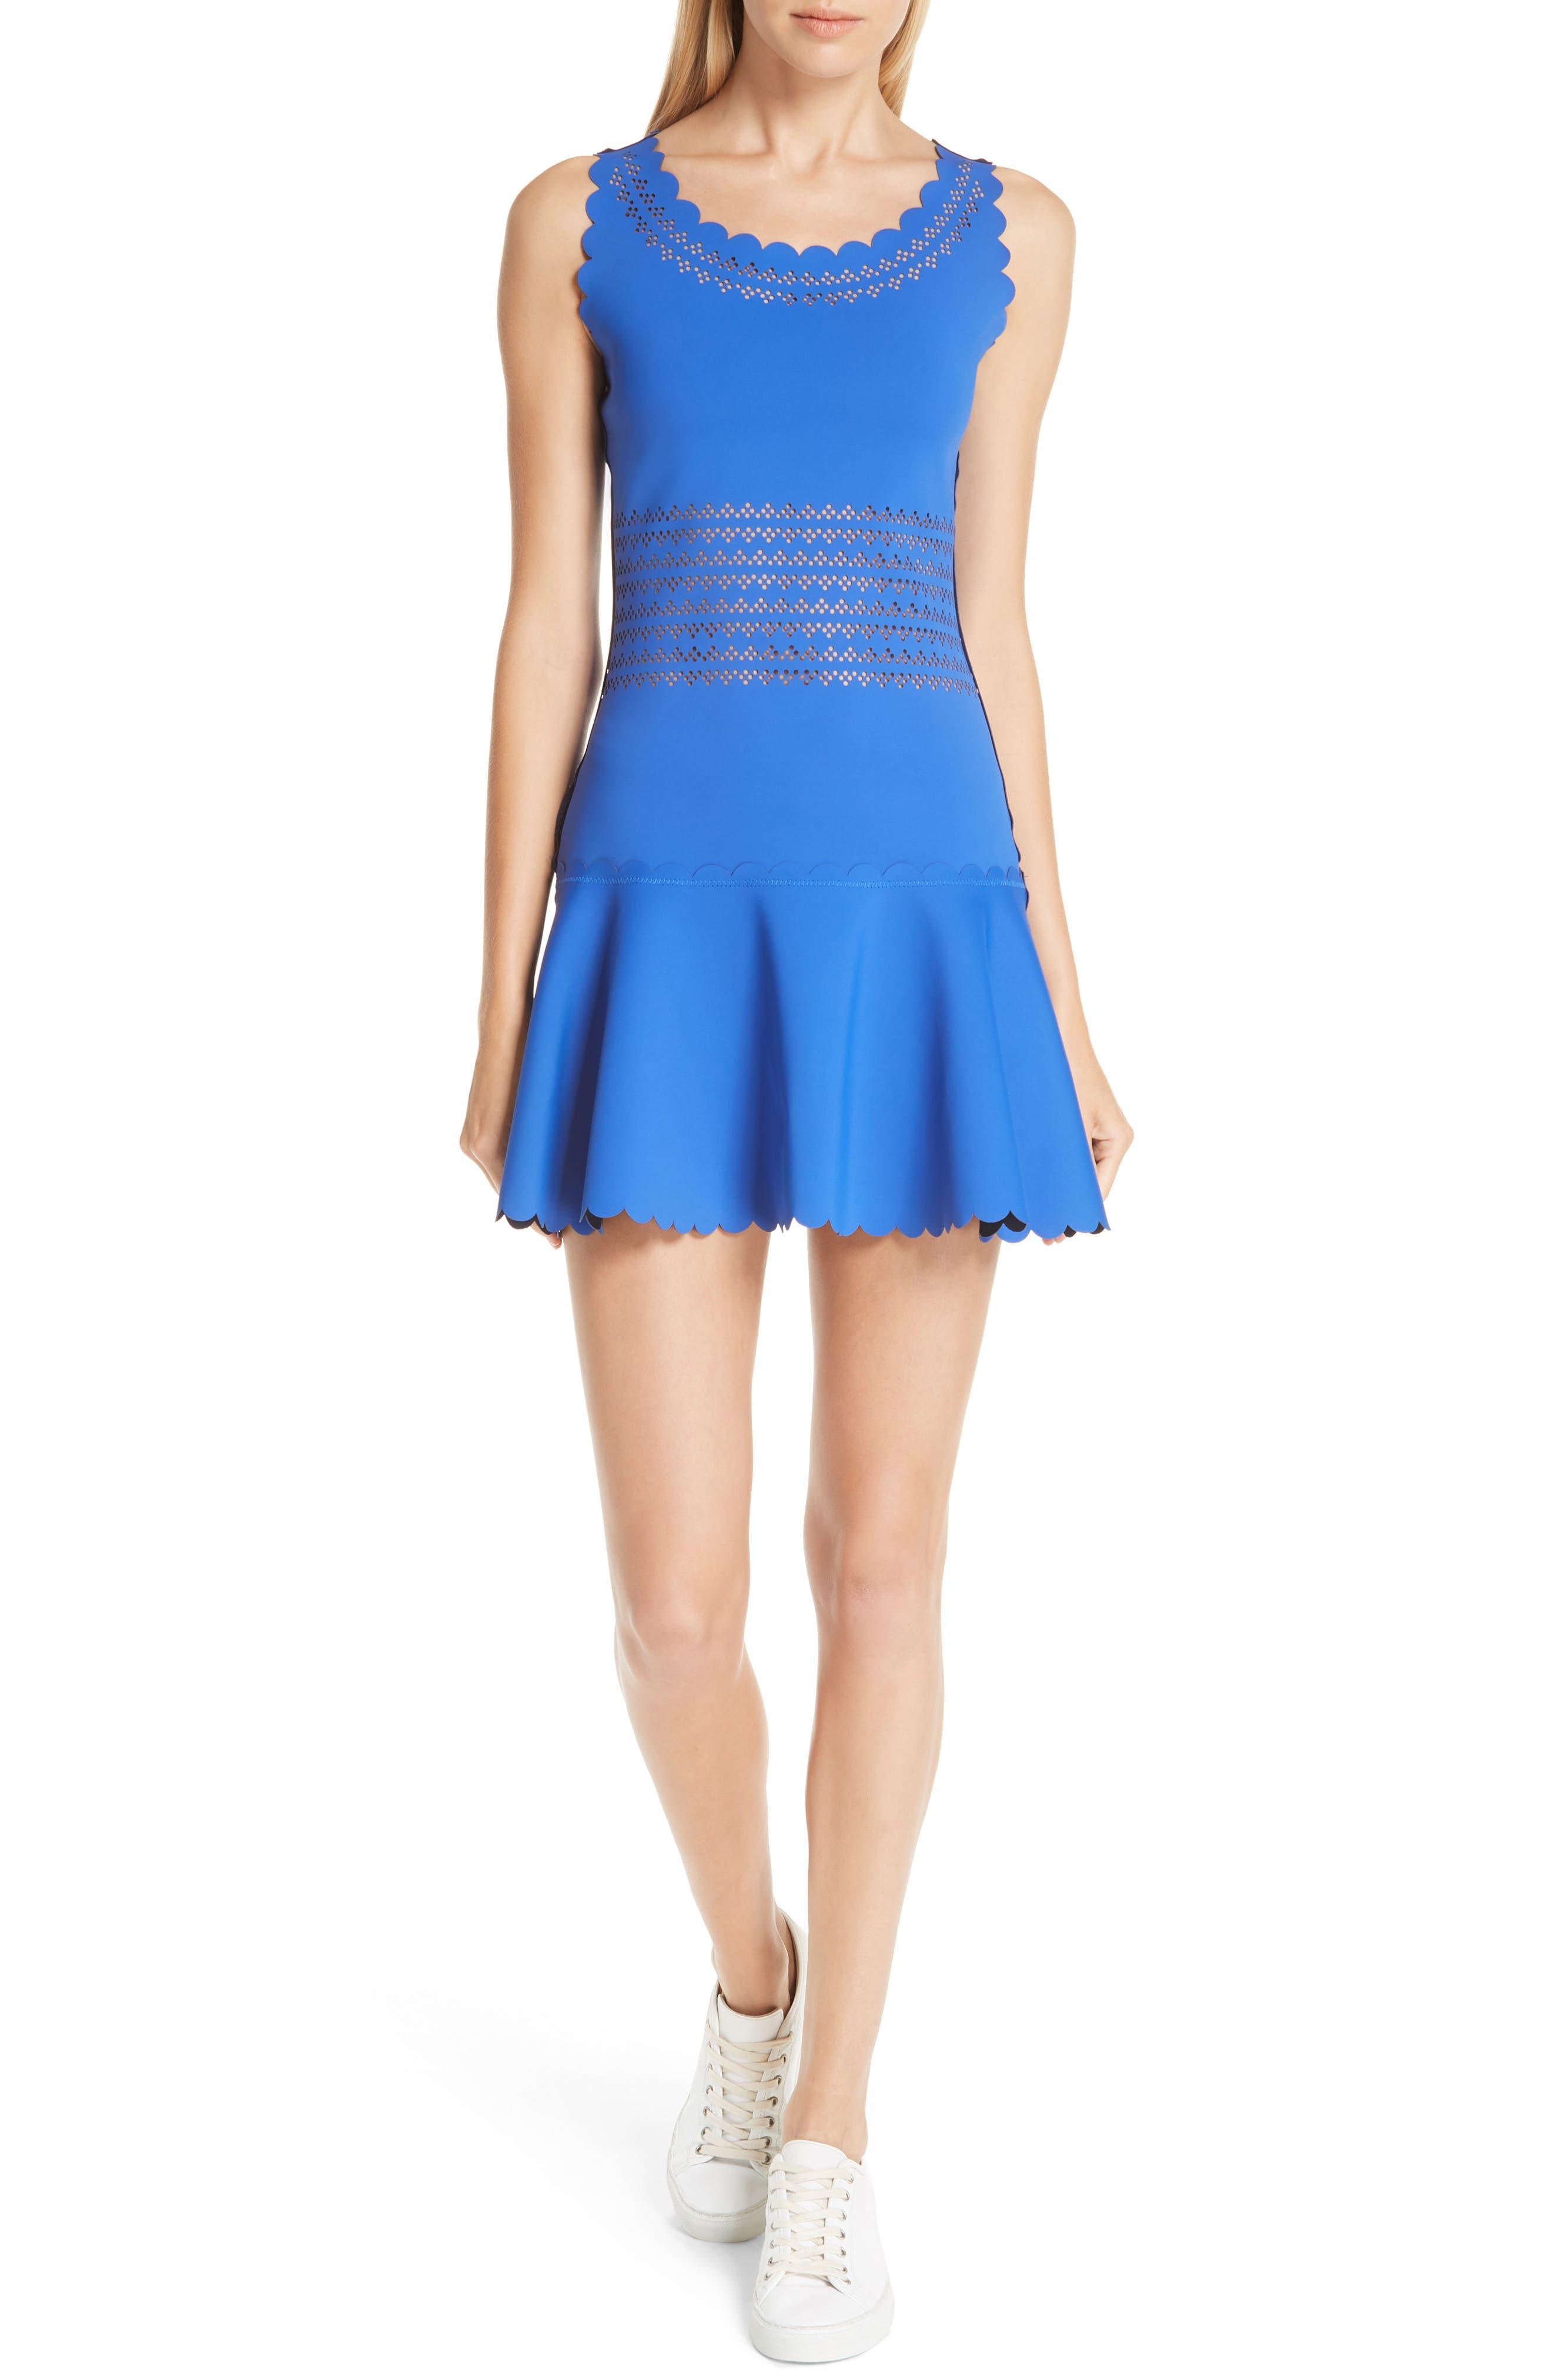 Center Court Tennis Dress,                             Main thumbnail 1, color,                             BLUE